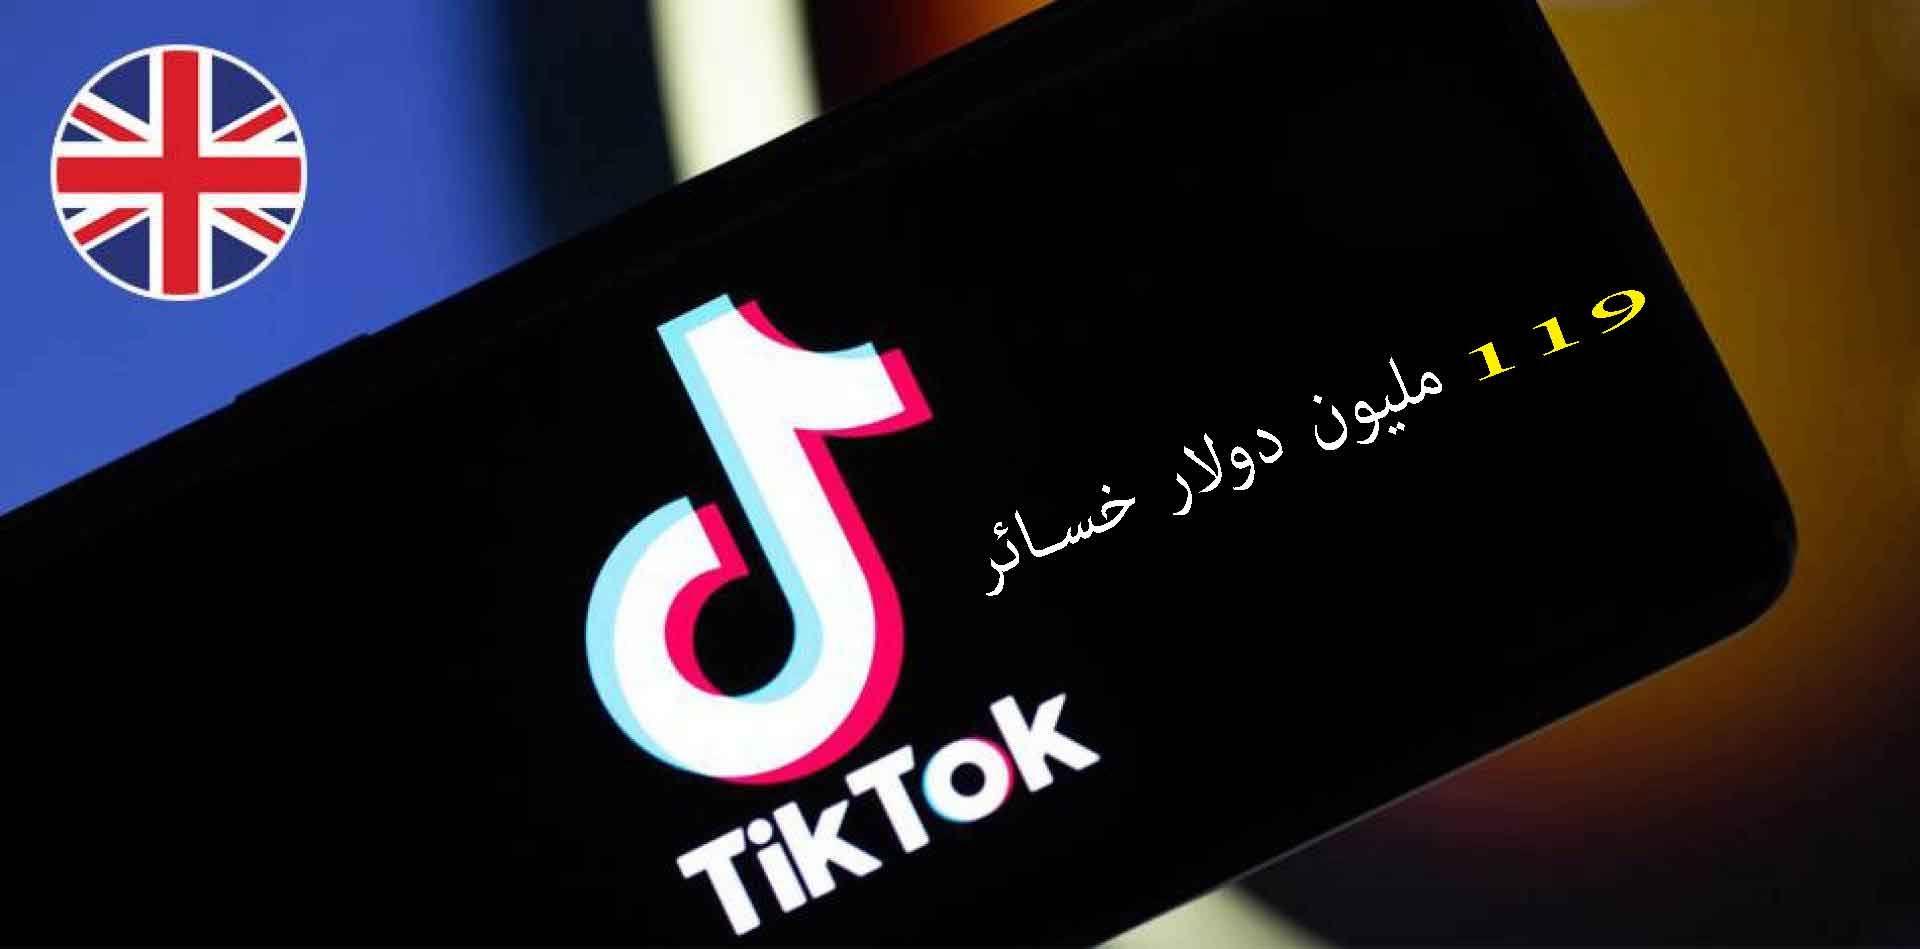 أكثر من 119 مليون دولار خسائر تيك توك Tiktok في بريطانيا لعام 2019 Audi Logo Vehicle Logos Logos